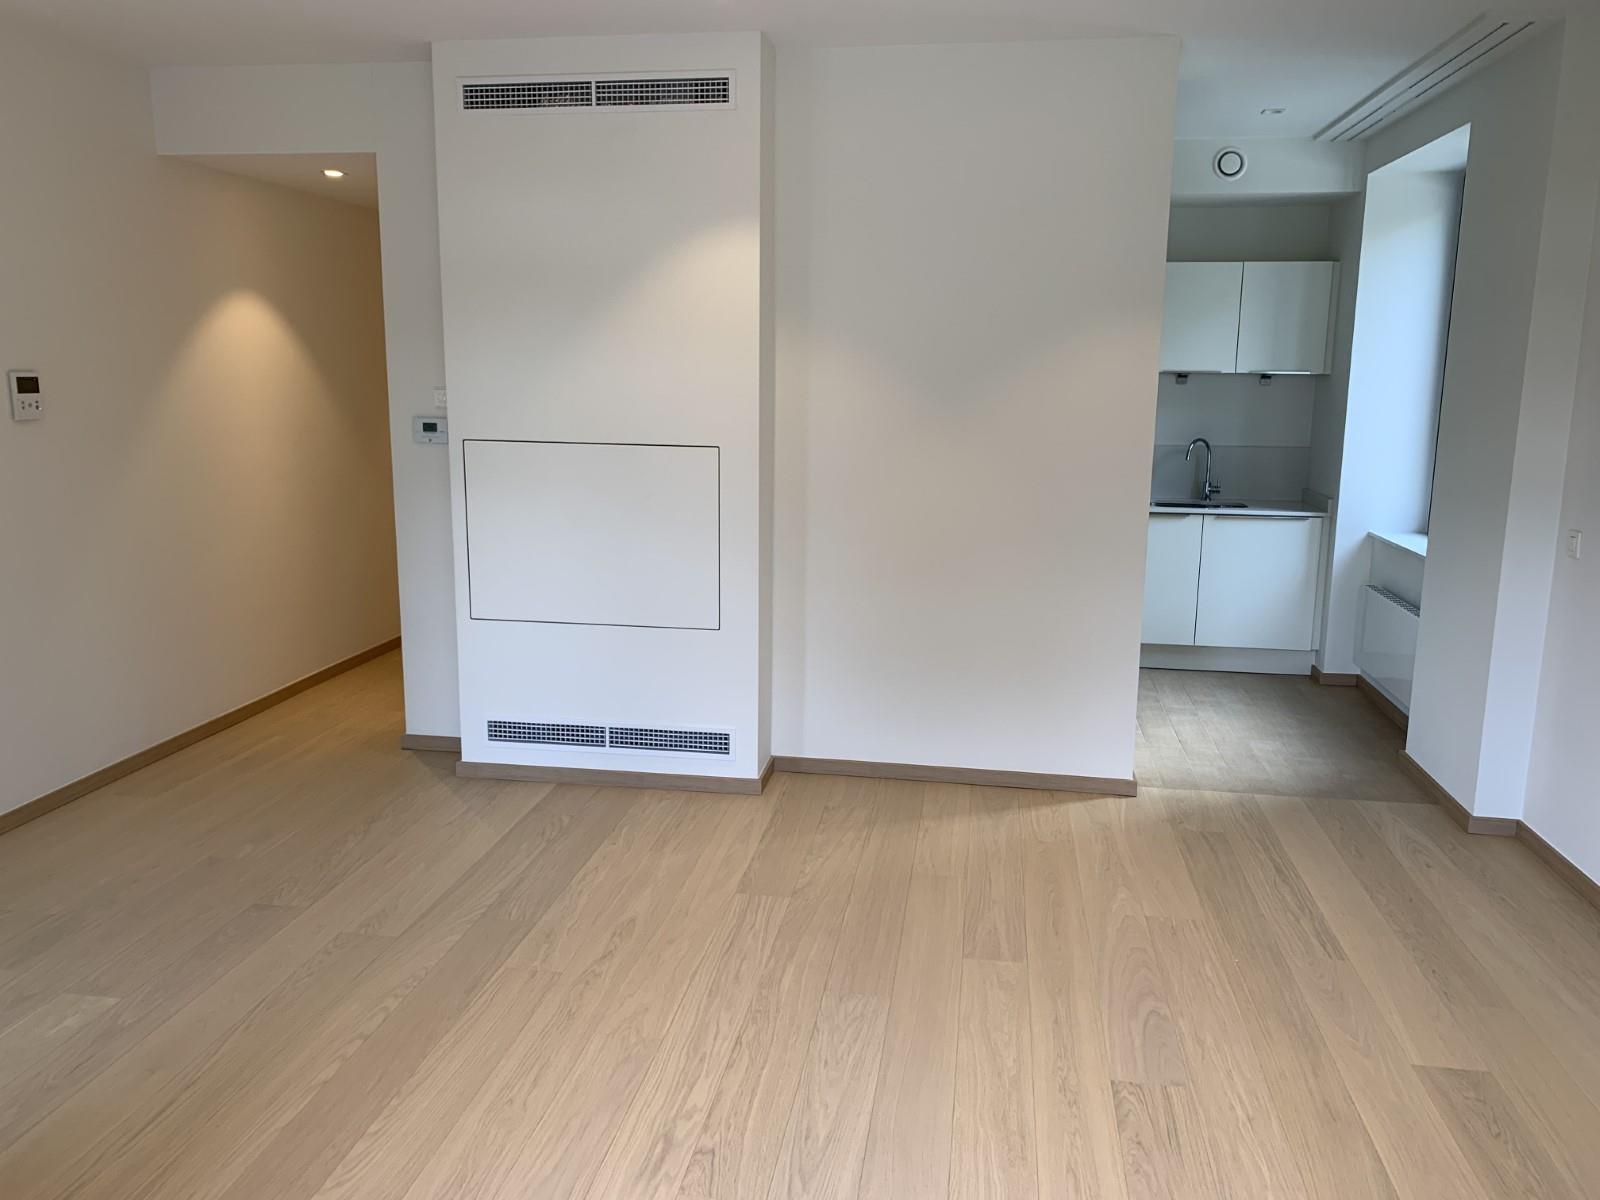 Appartement exceptionnel - Ixelles - #3964982-2